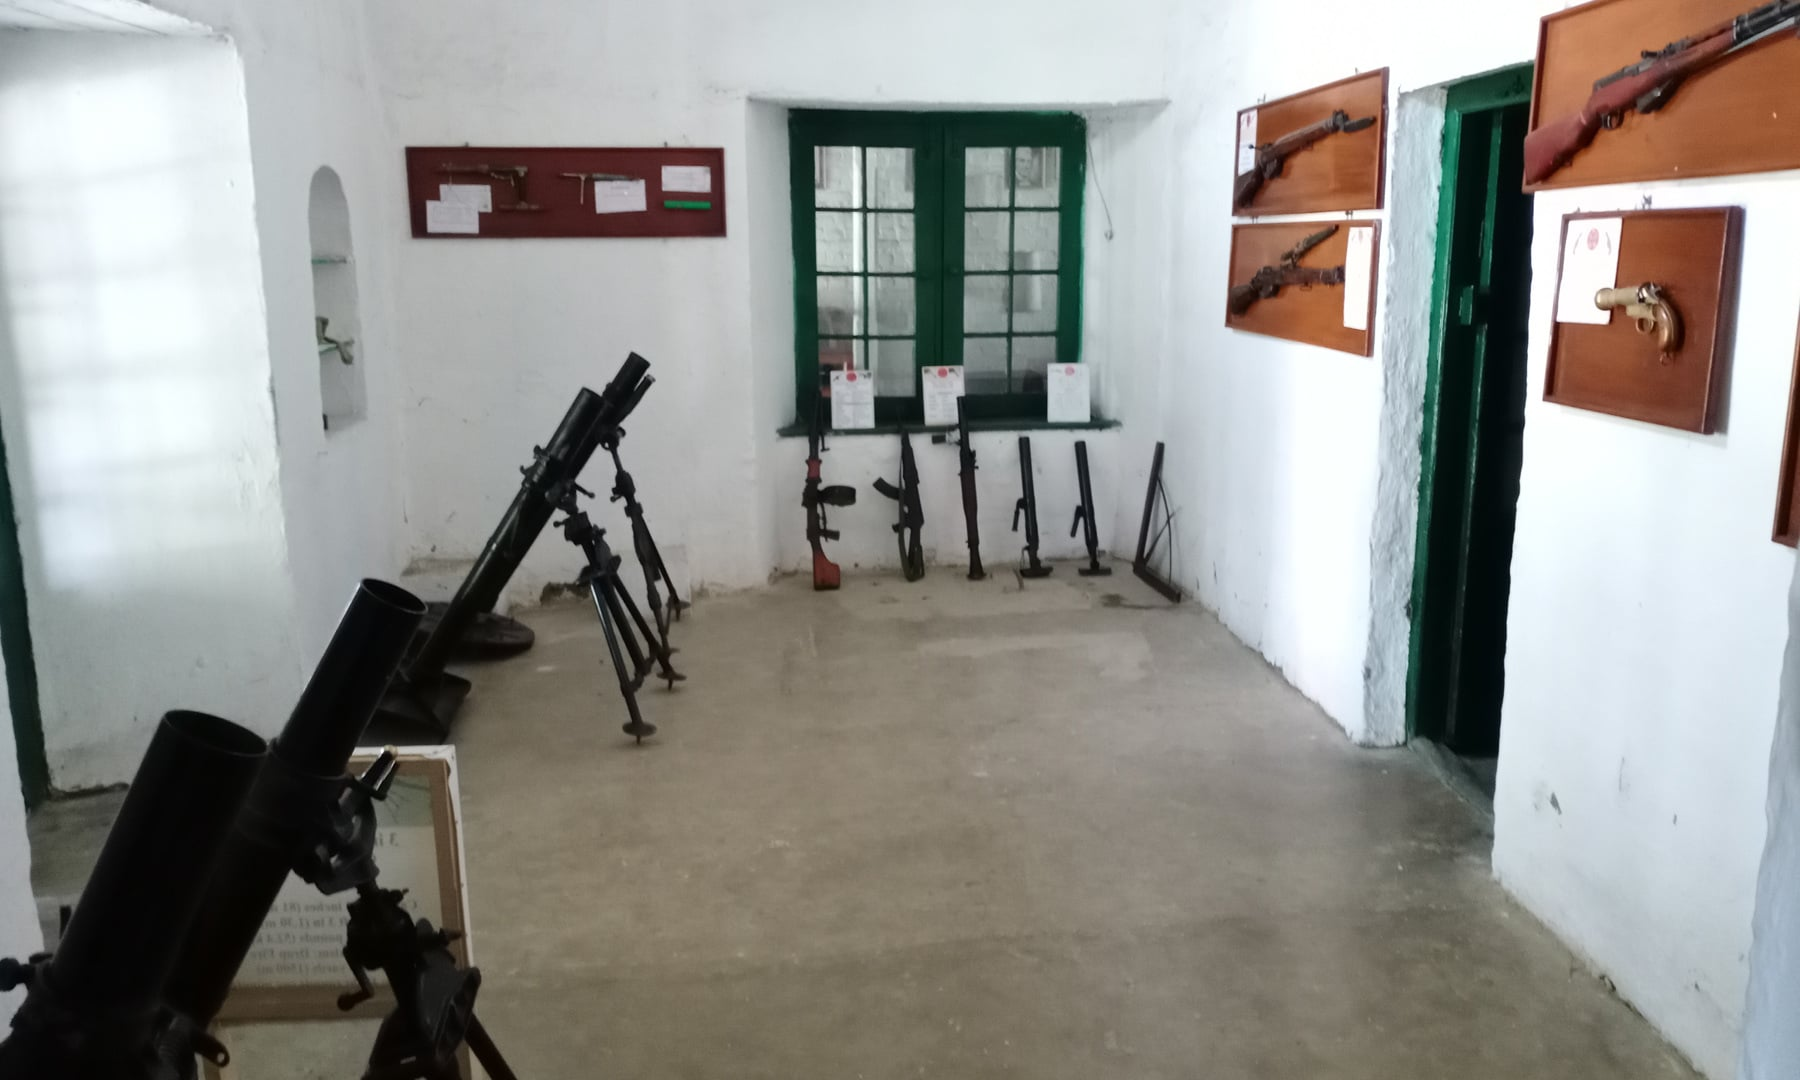 میوزیم میں موجود انگریز فوج کے زیرِ استعمال رہنے والا اسلحہ — عظمت اکبر